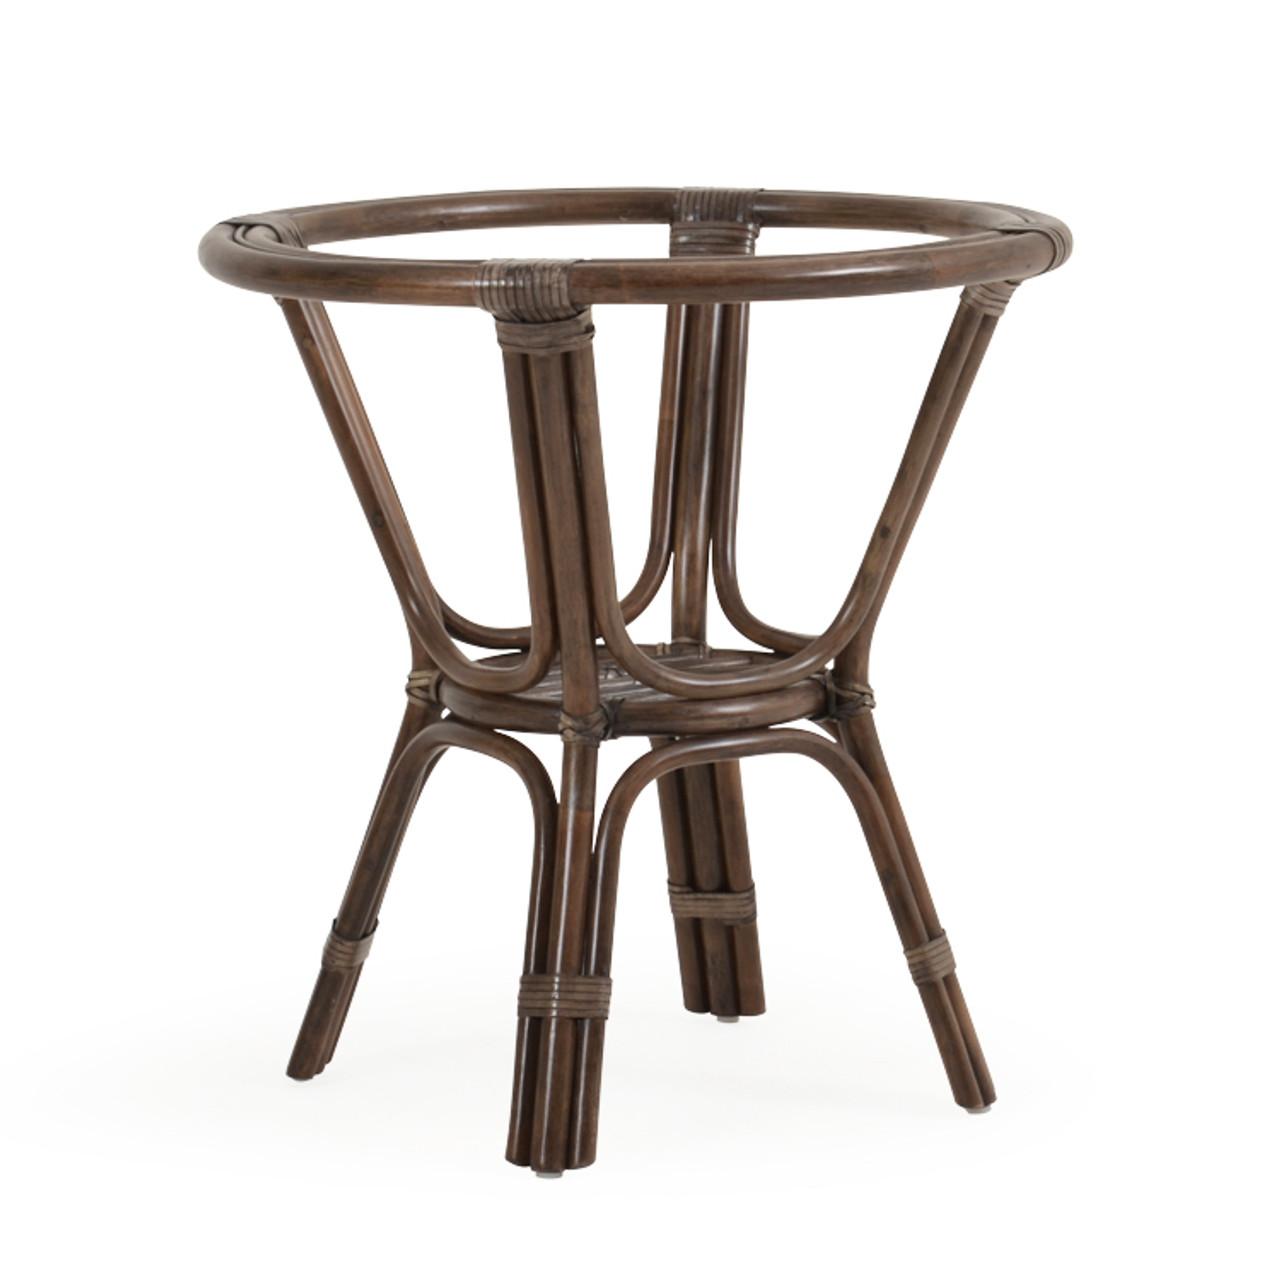 islamorada indoor rattan round dining table base